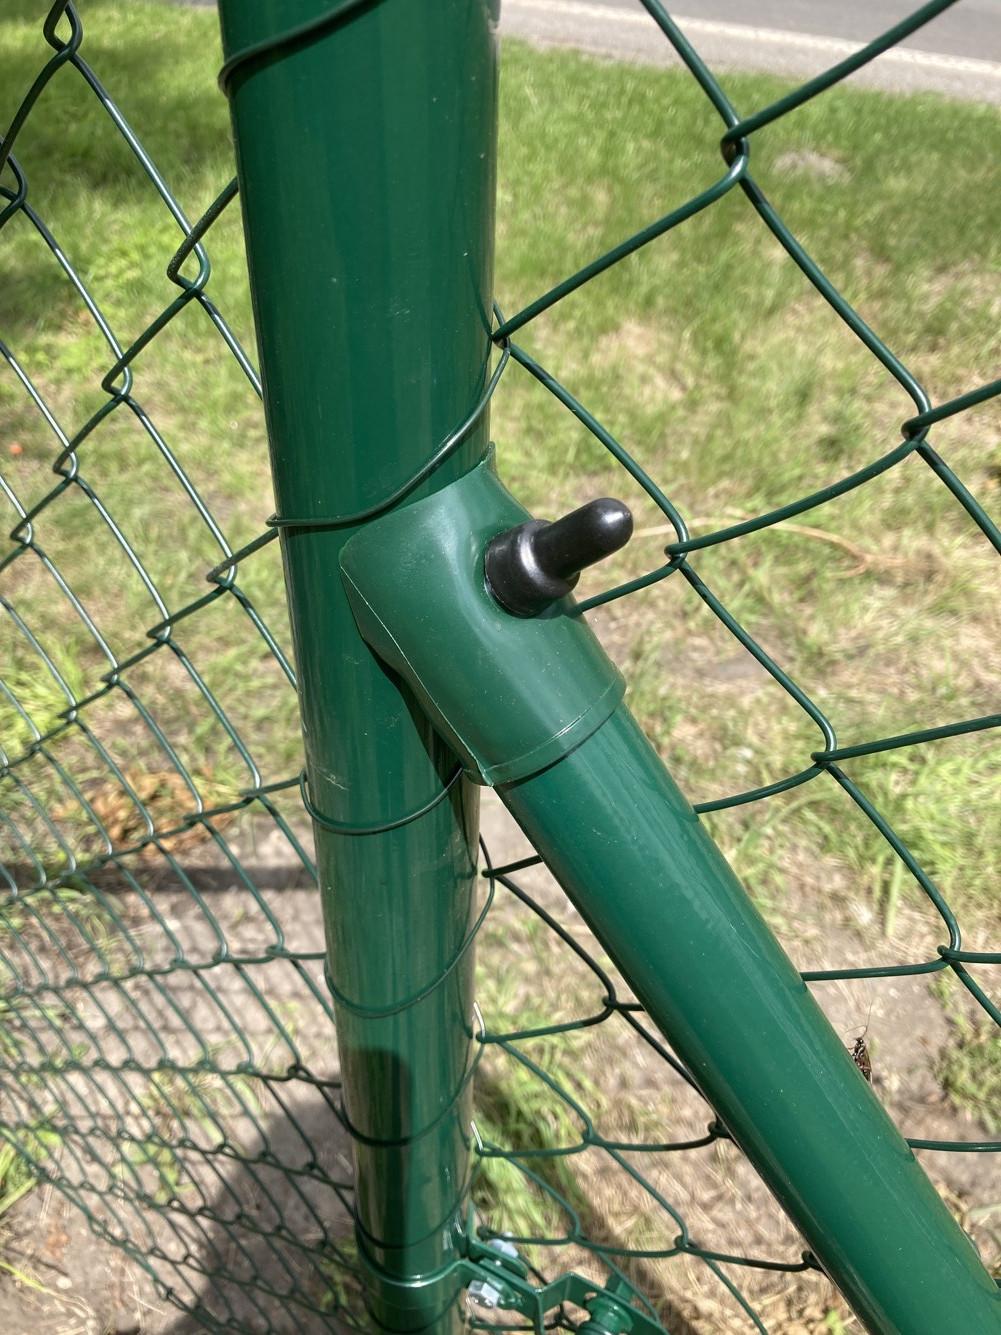 Vzpěra poplastovaná - Zn+PVC, výška 200 cm, 38 mm průměr